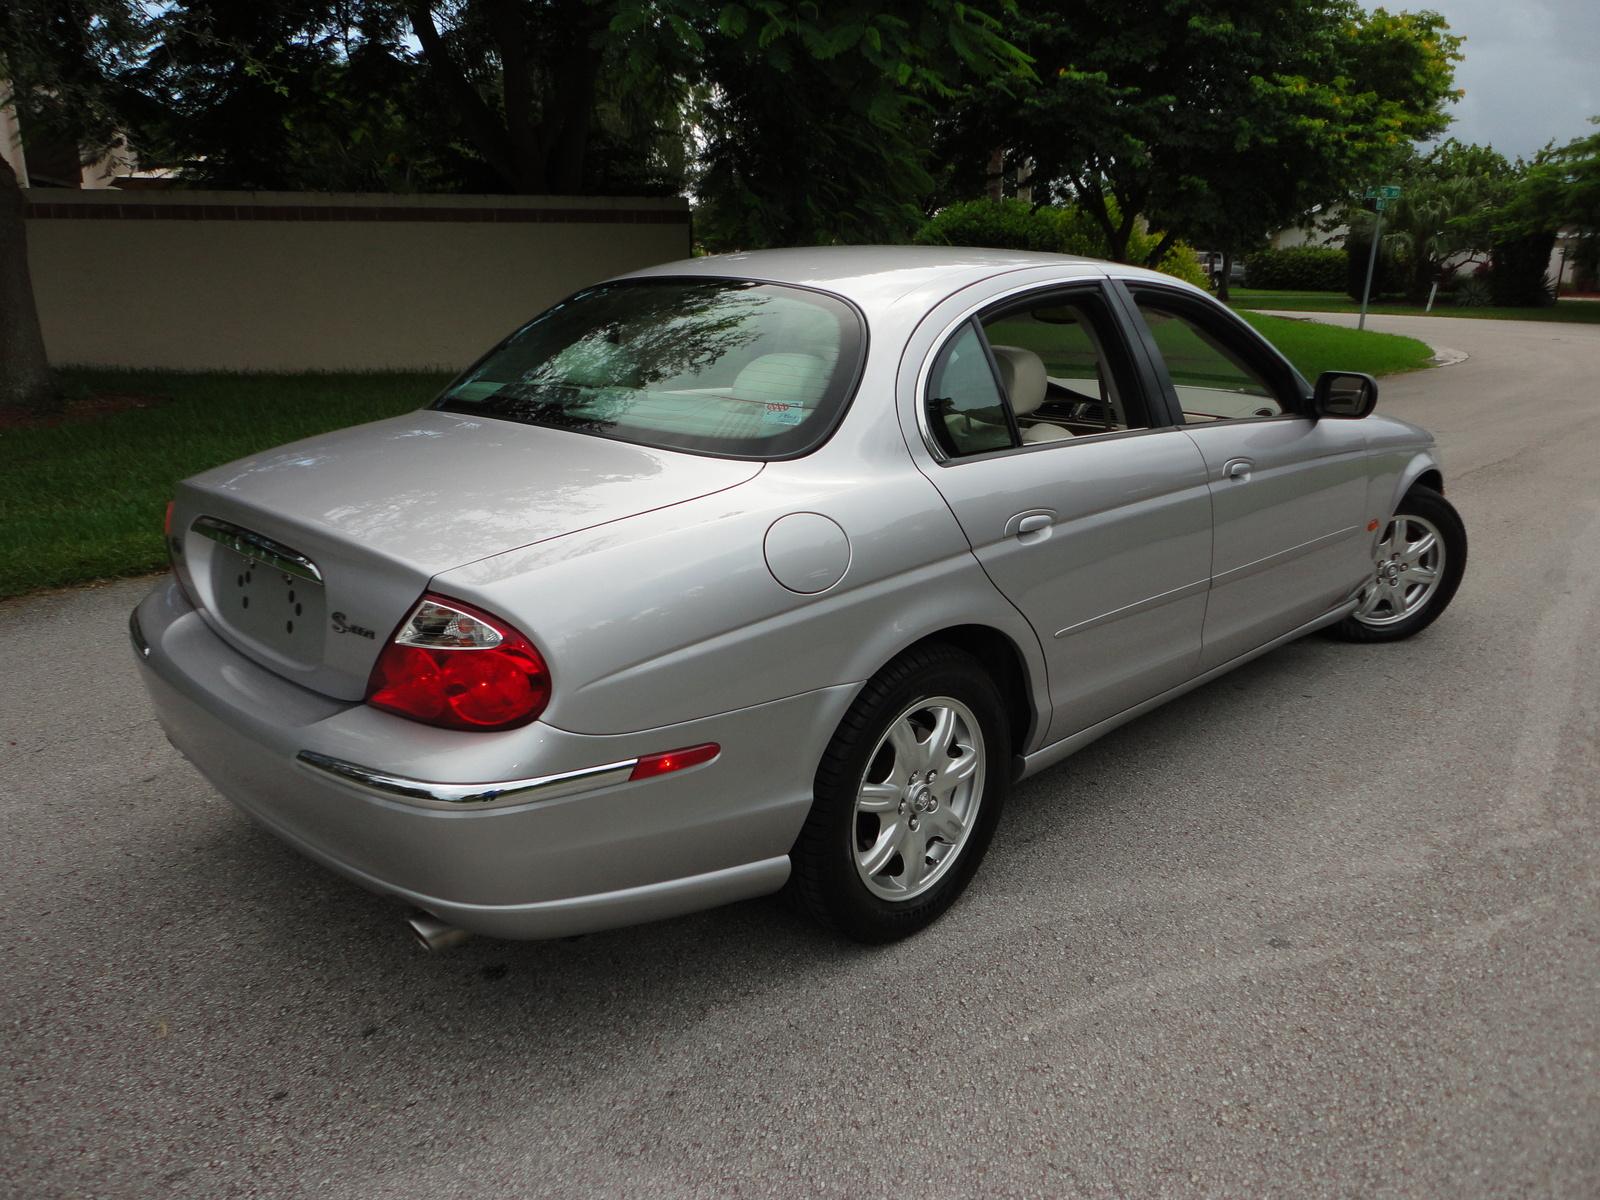 2000 Jaguar S-Type - Pictures - CarGurus